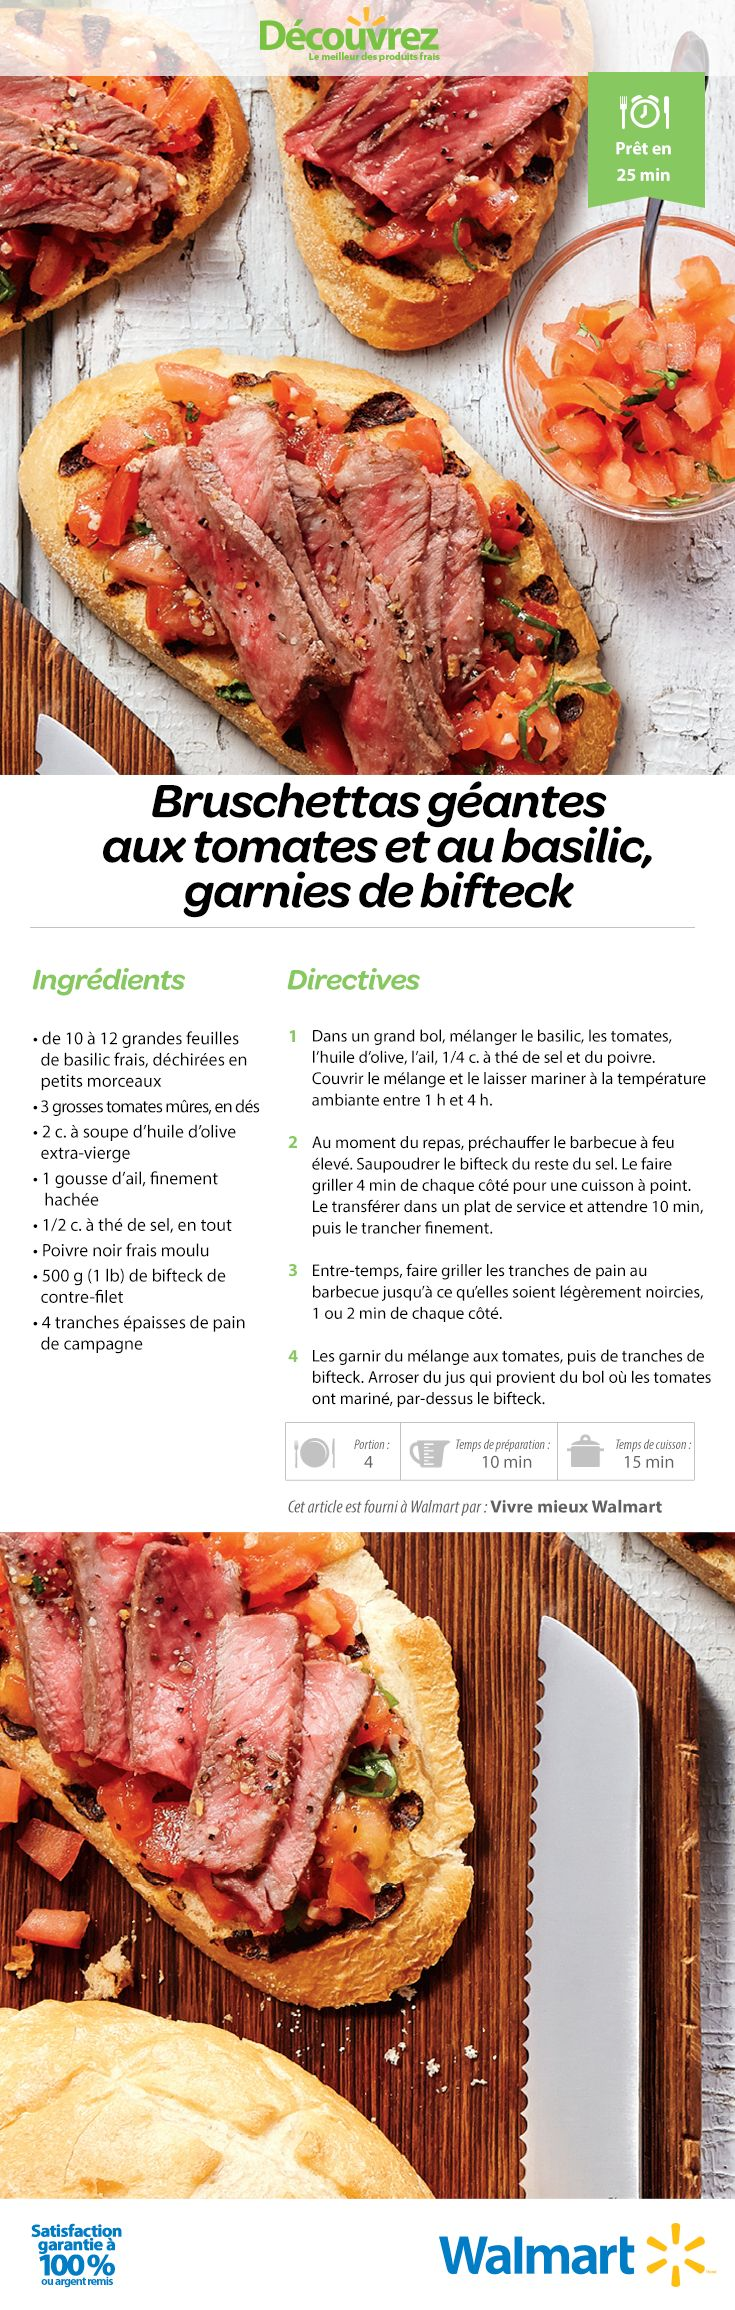 Les bruschettas sont tendance cette saison. Nous ajoutons du contre-filet dans notre recette! #IdéesDeRecettes #RecettesEstivales #RecettesDeBruschettas #bruschetta #RecettesDeContreFilets #RecettesDeSandwich